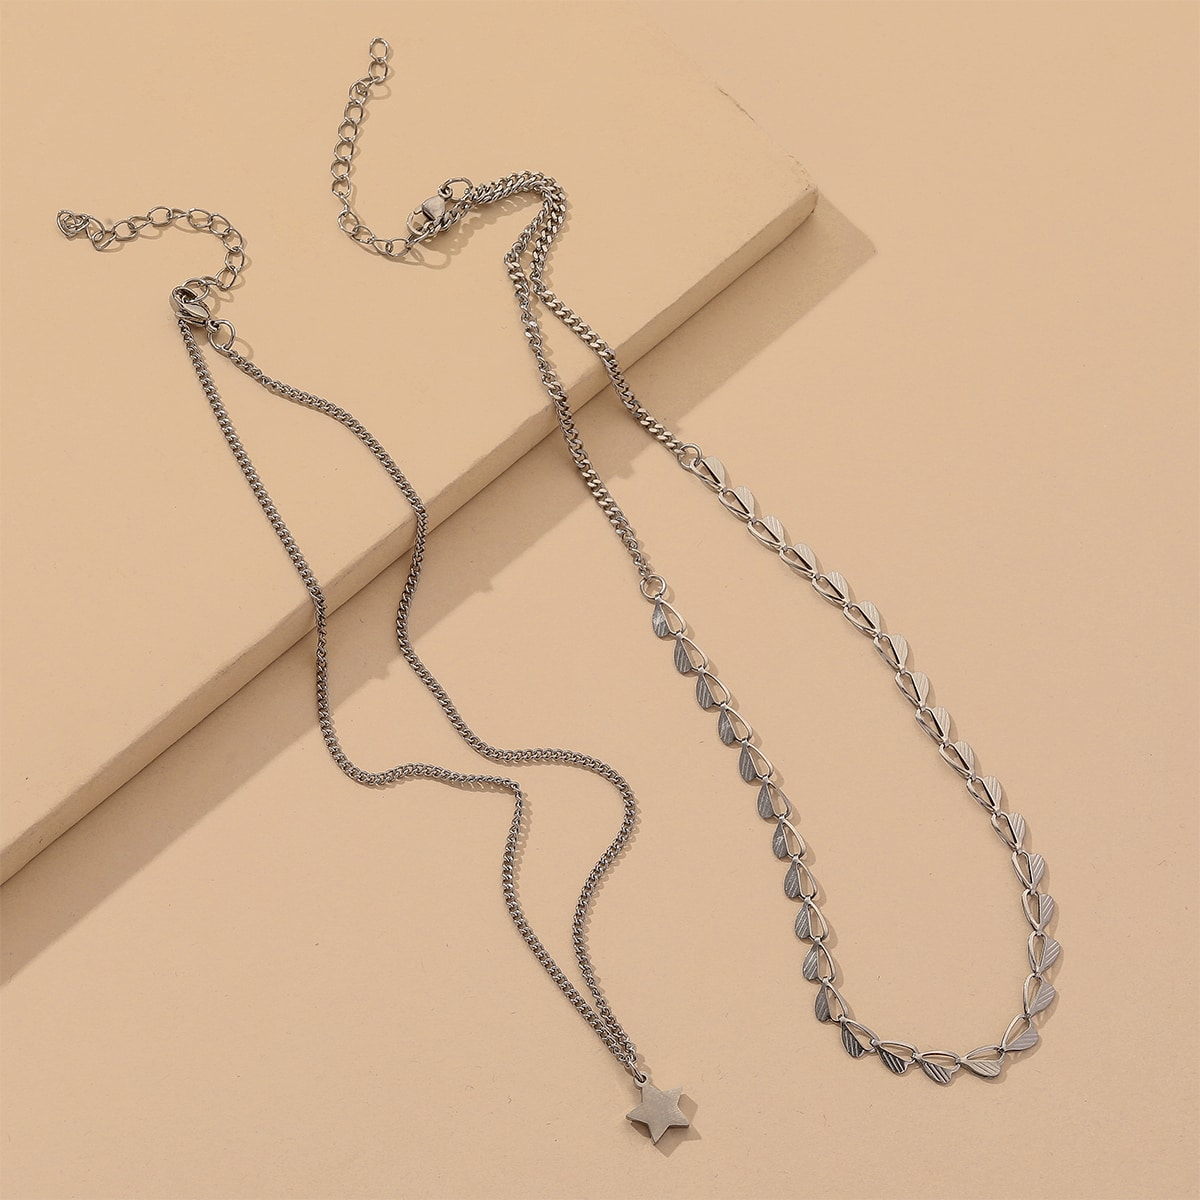 SHEIN / 2 Stücke Halskette mit Stern Anhänger